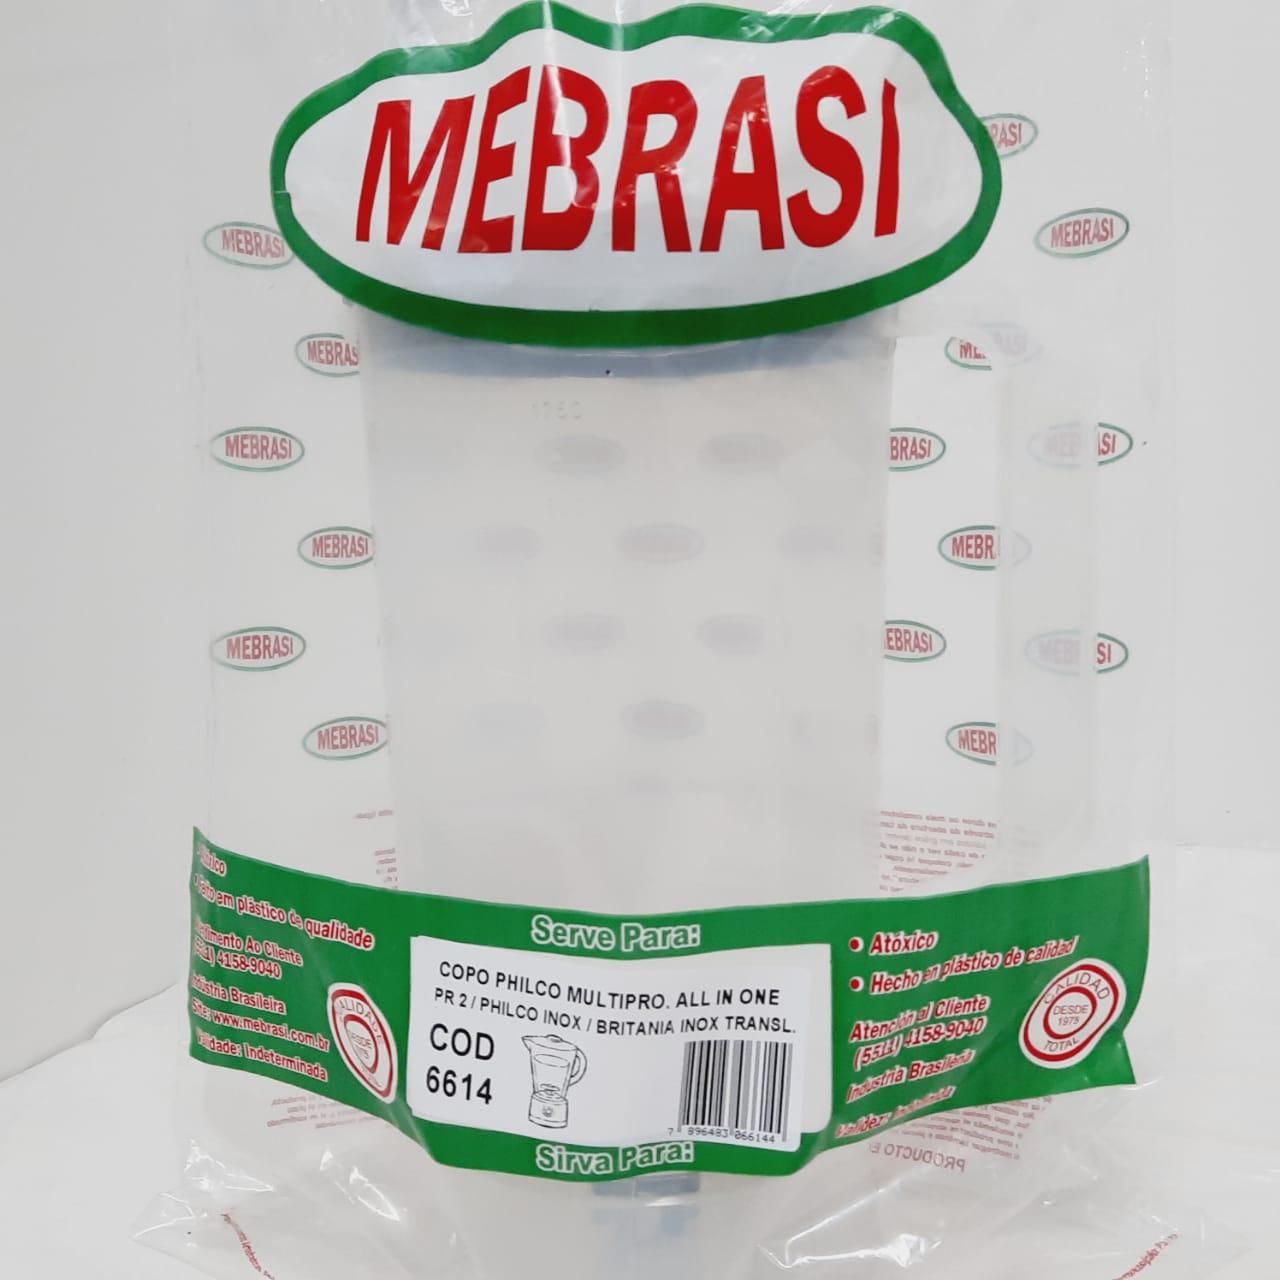 Copo Philco TRAN PR2/BRIT INX - Mebrasi